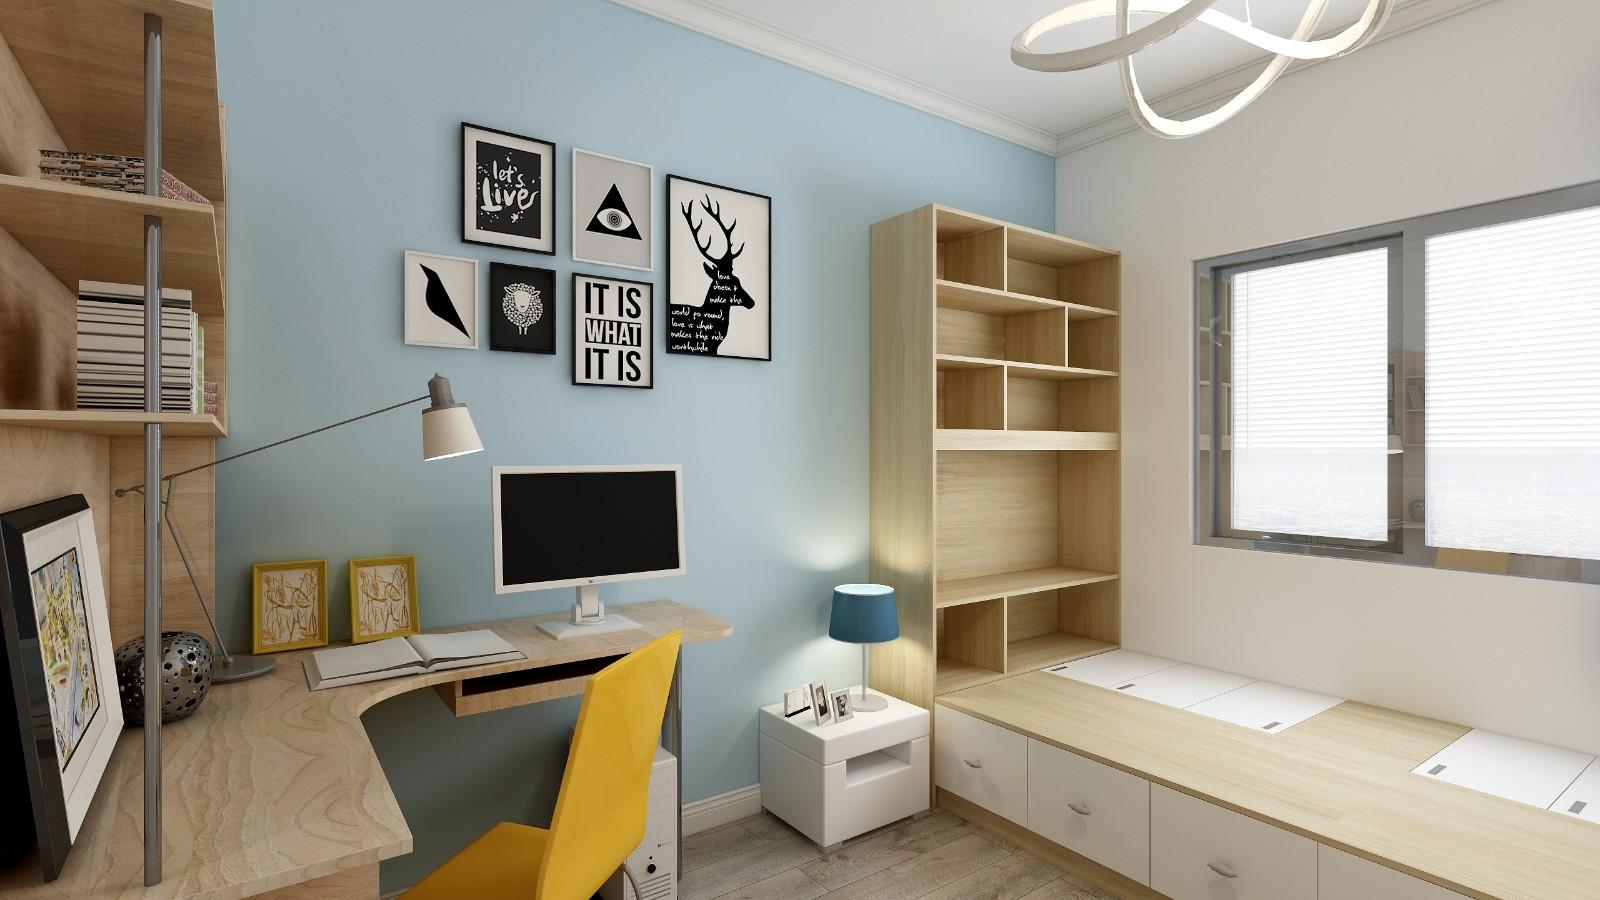 2020现代简约儿童房装饰设计 2020现代简约衣柜设计图片